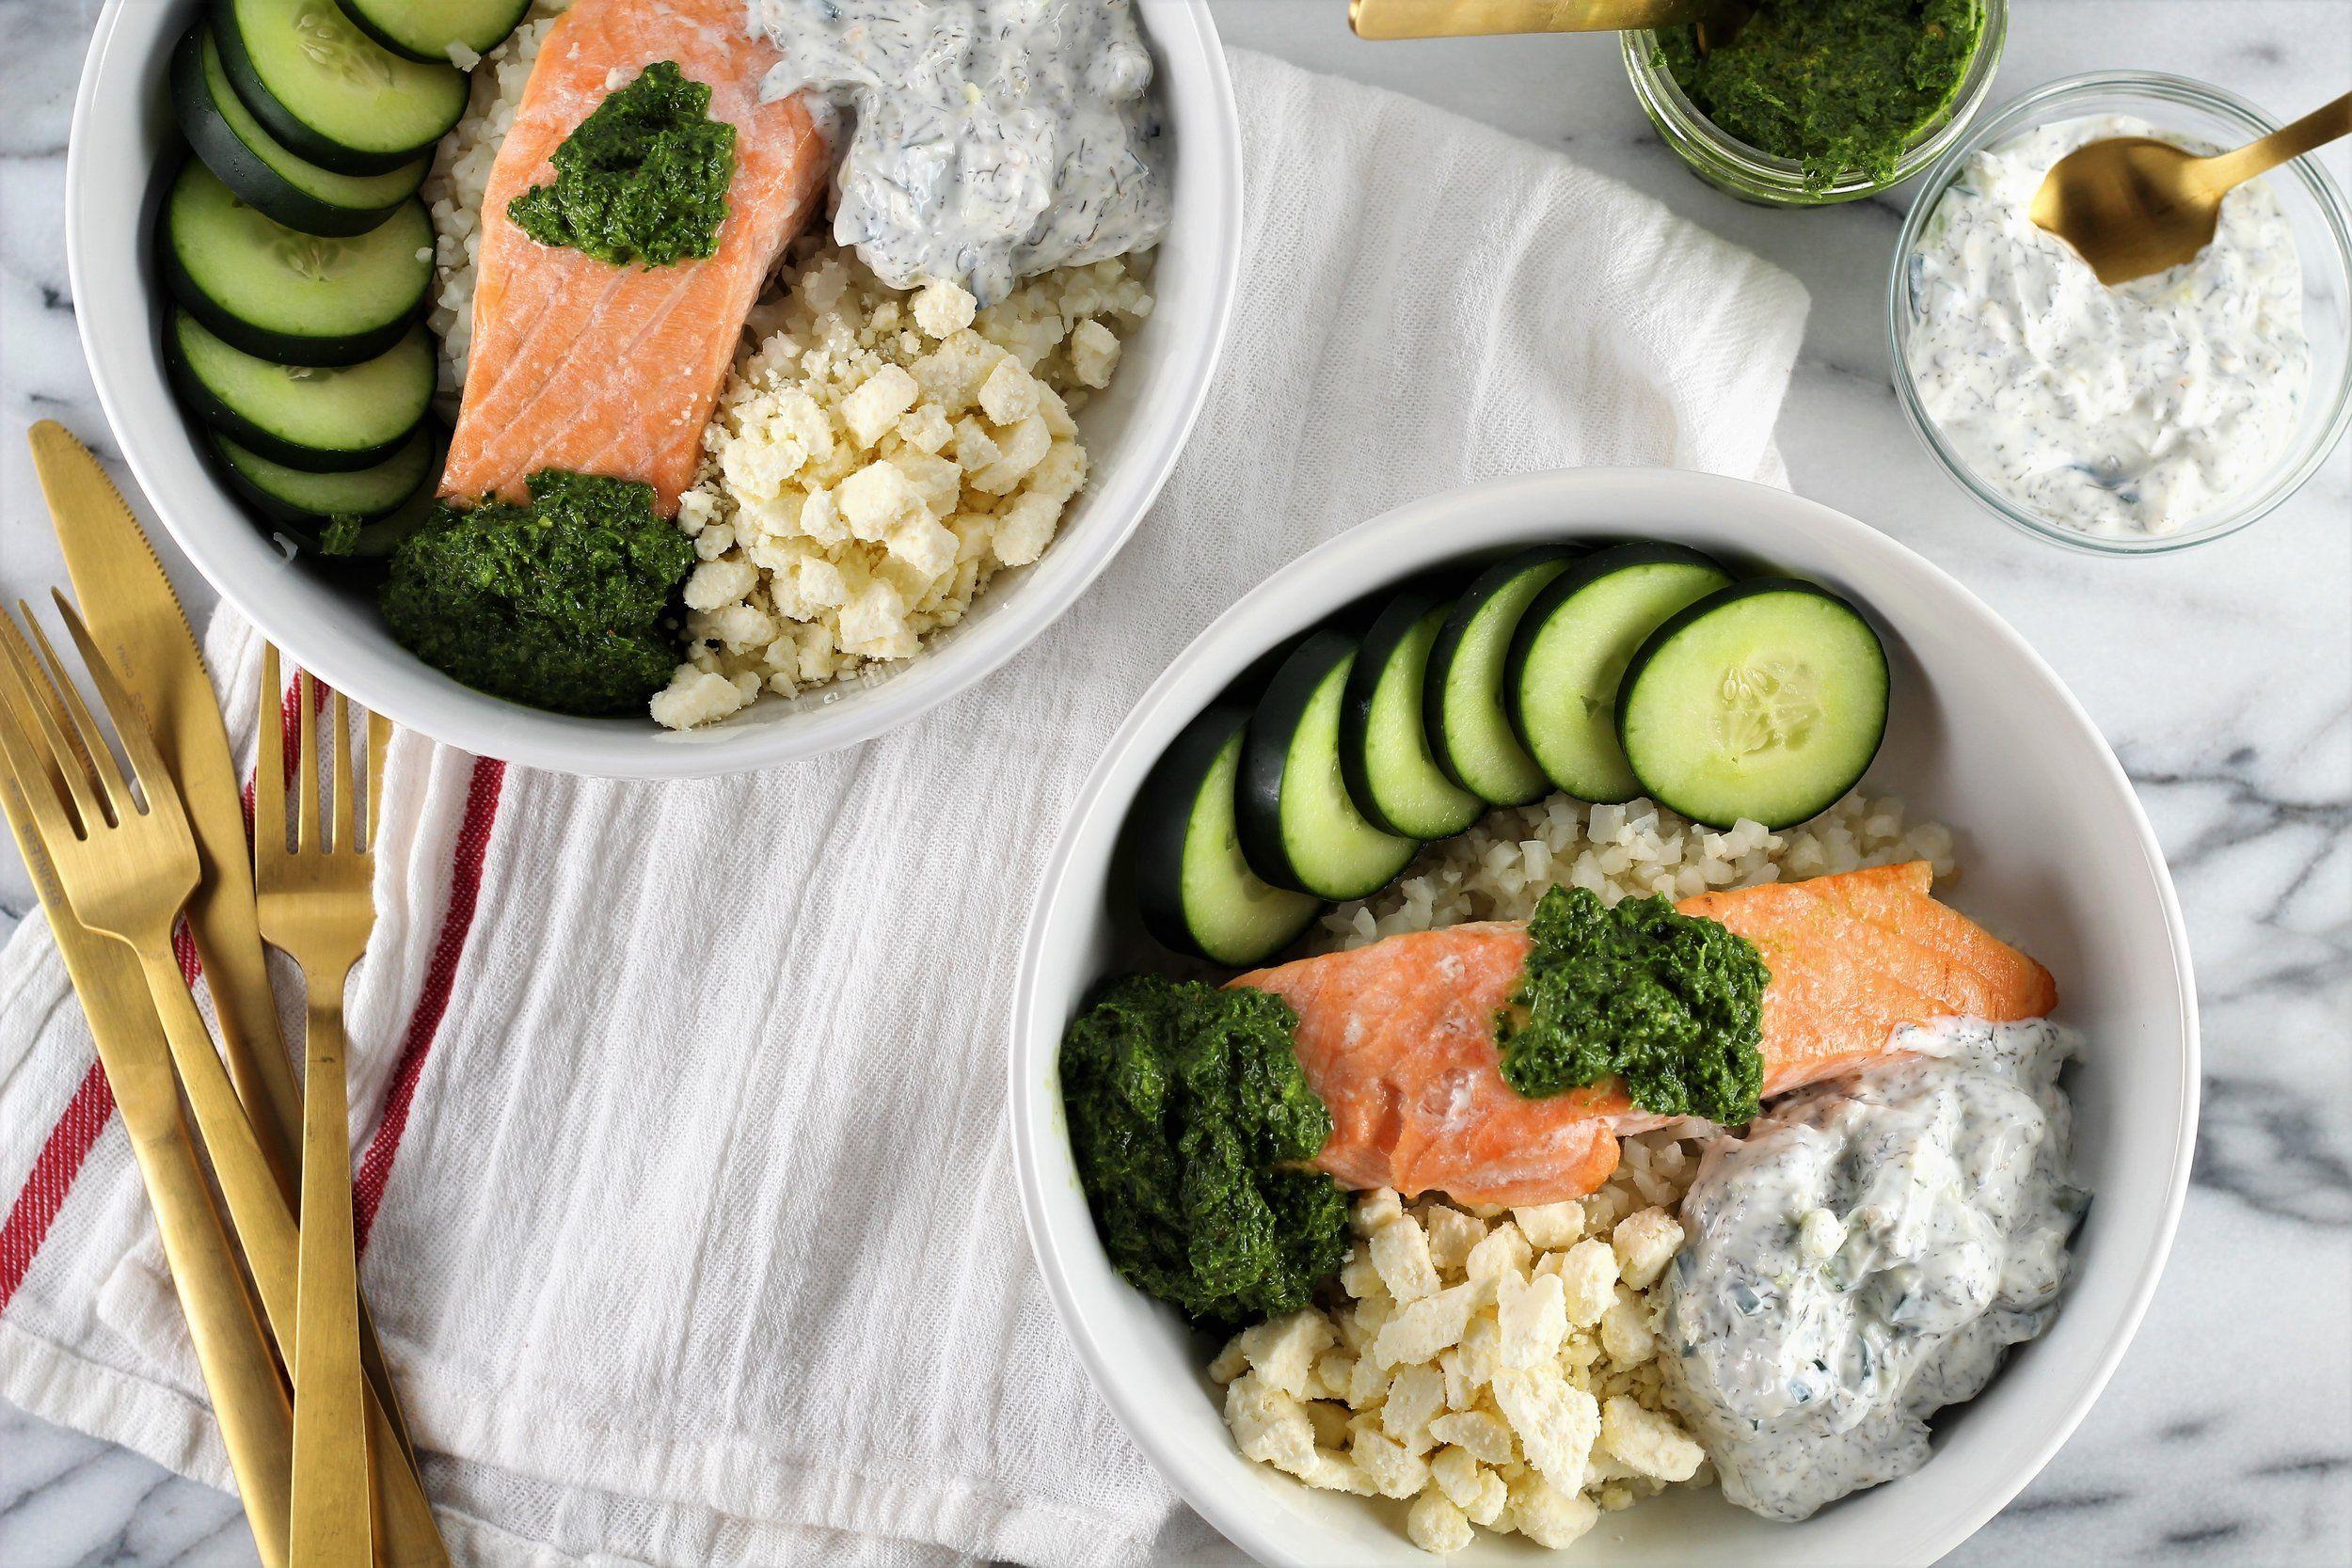 Mediterranean Cauliflower Rice Bowls With Norwegian Salmon